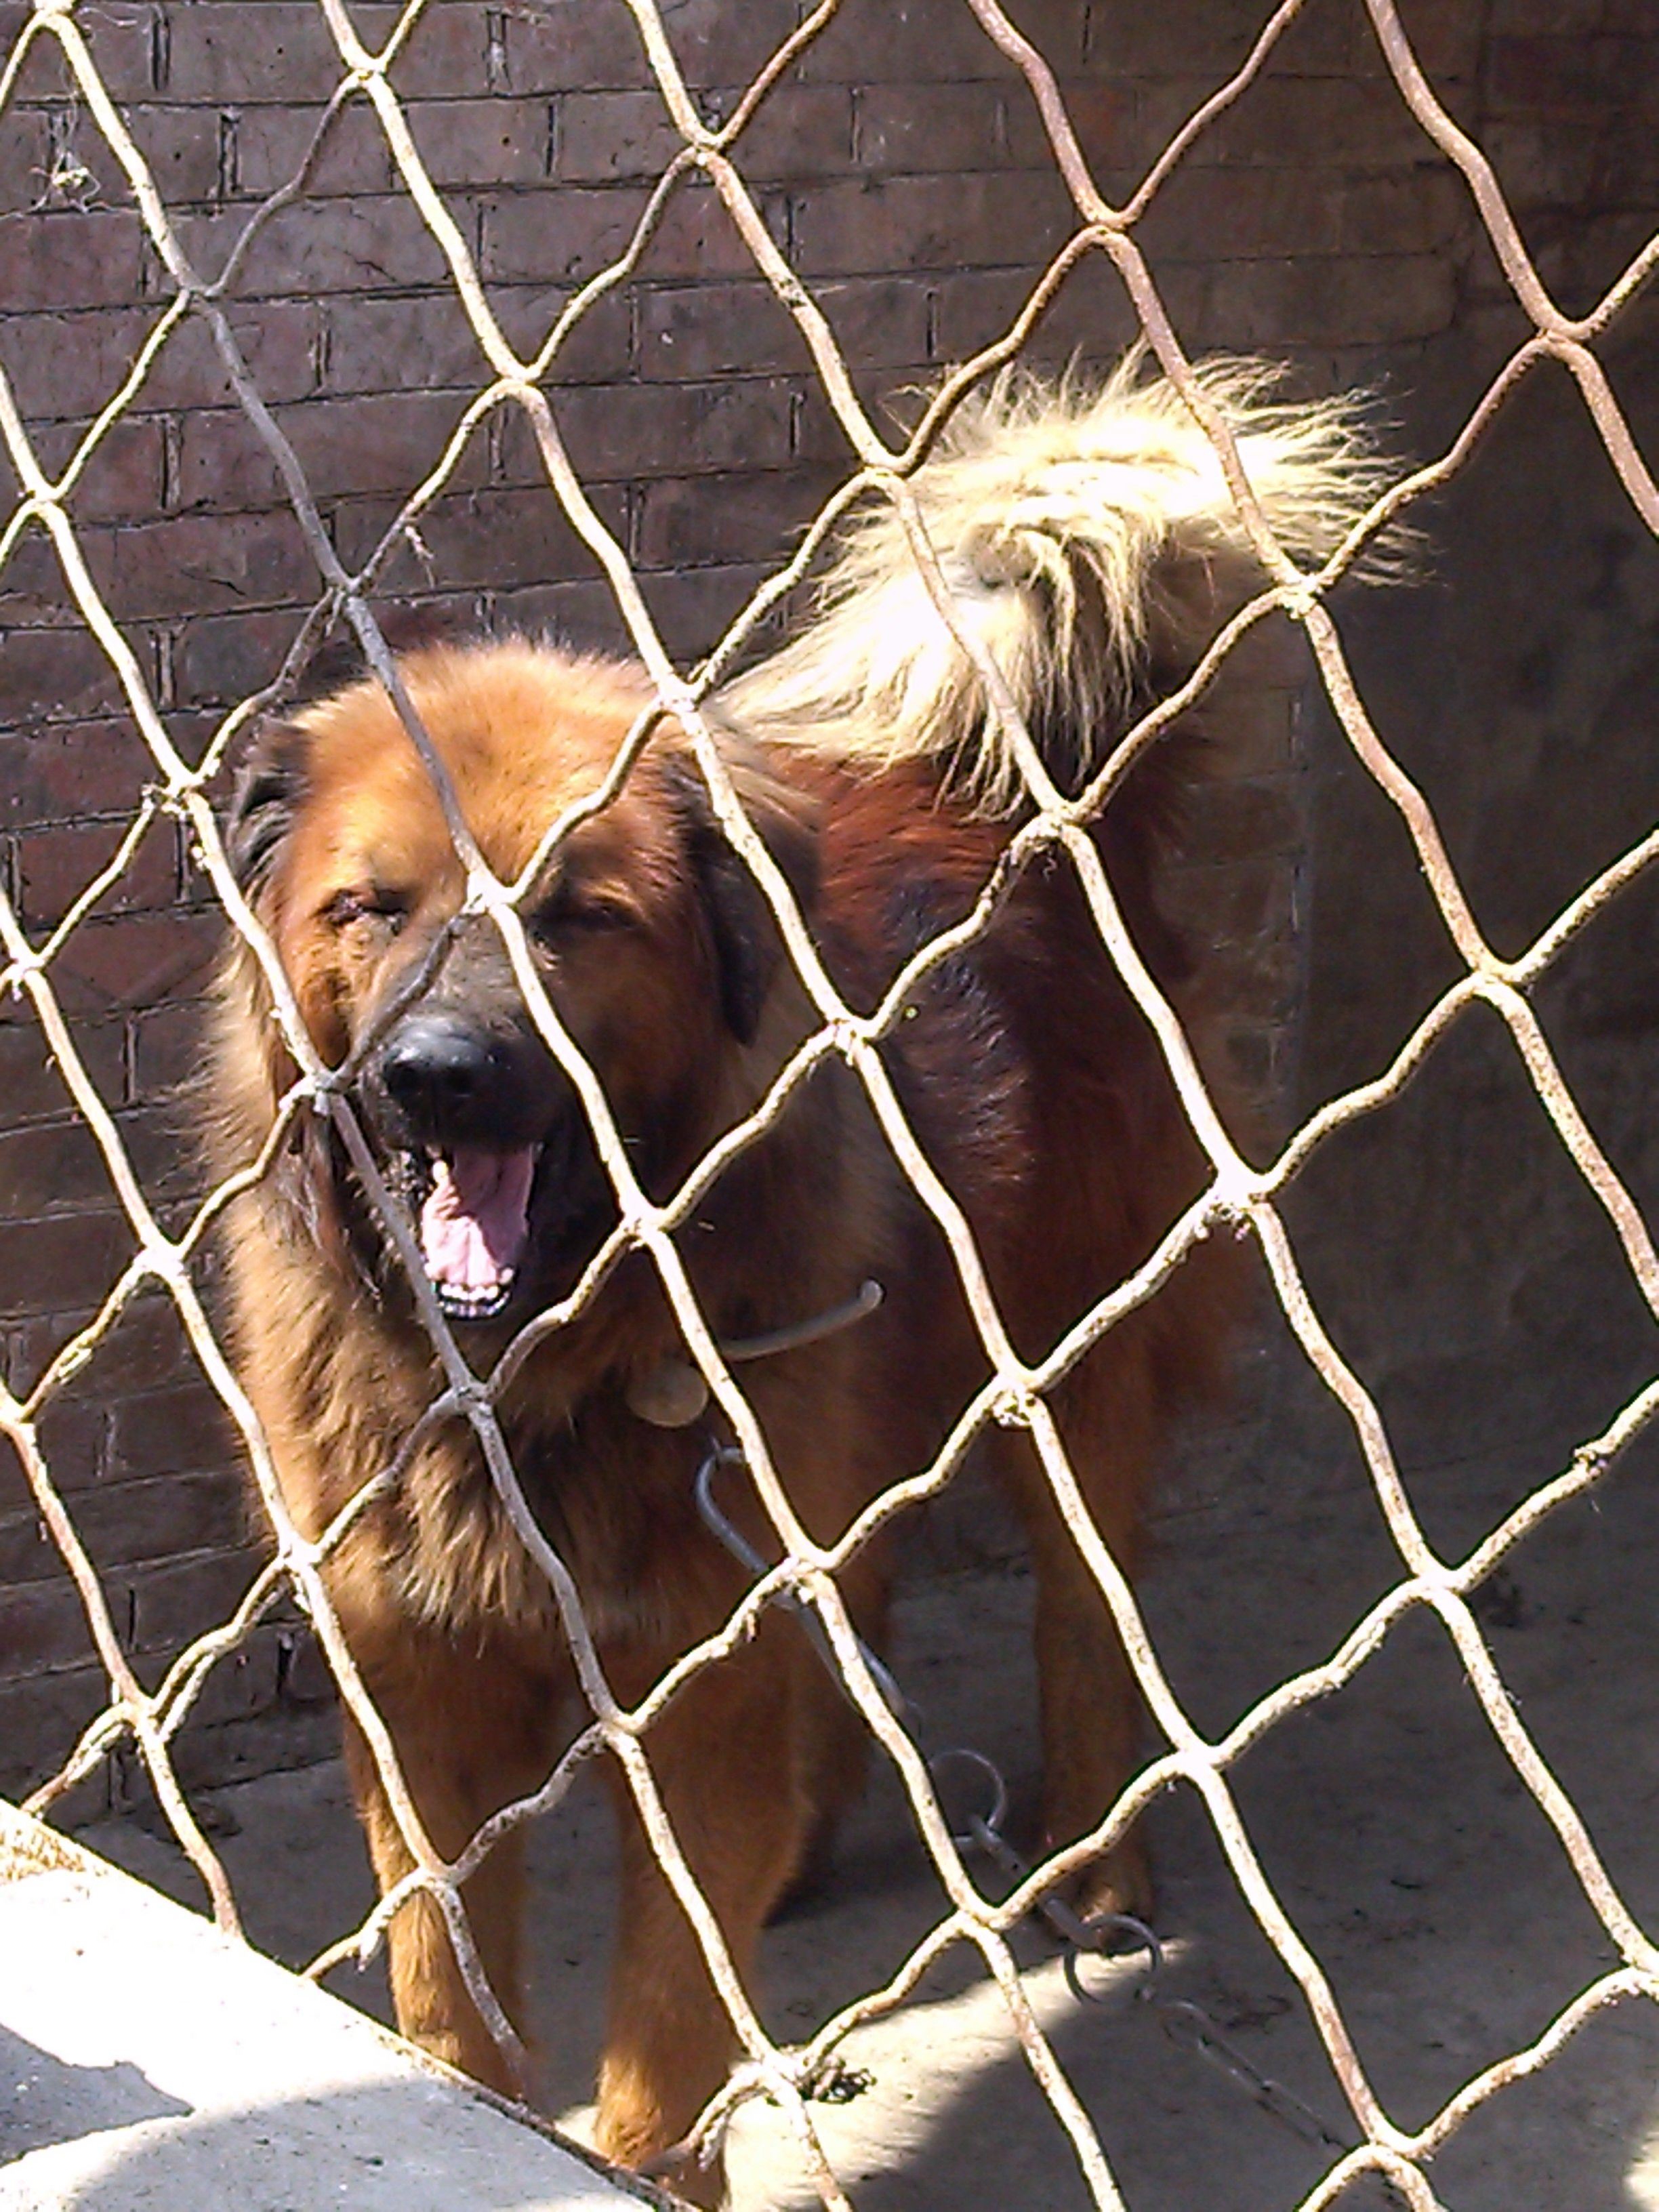 藏獒的上下领各有一尖锐的犬齿   本仿真动物标本藏獒犬   高清图片